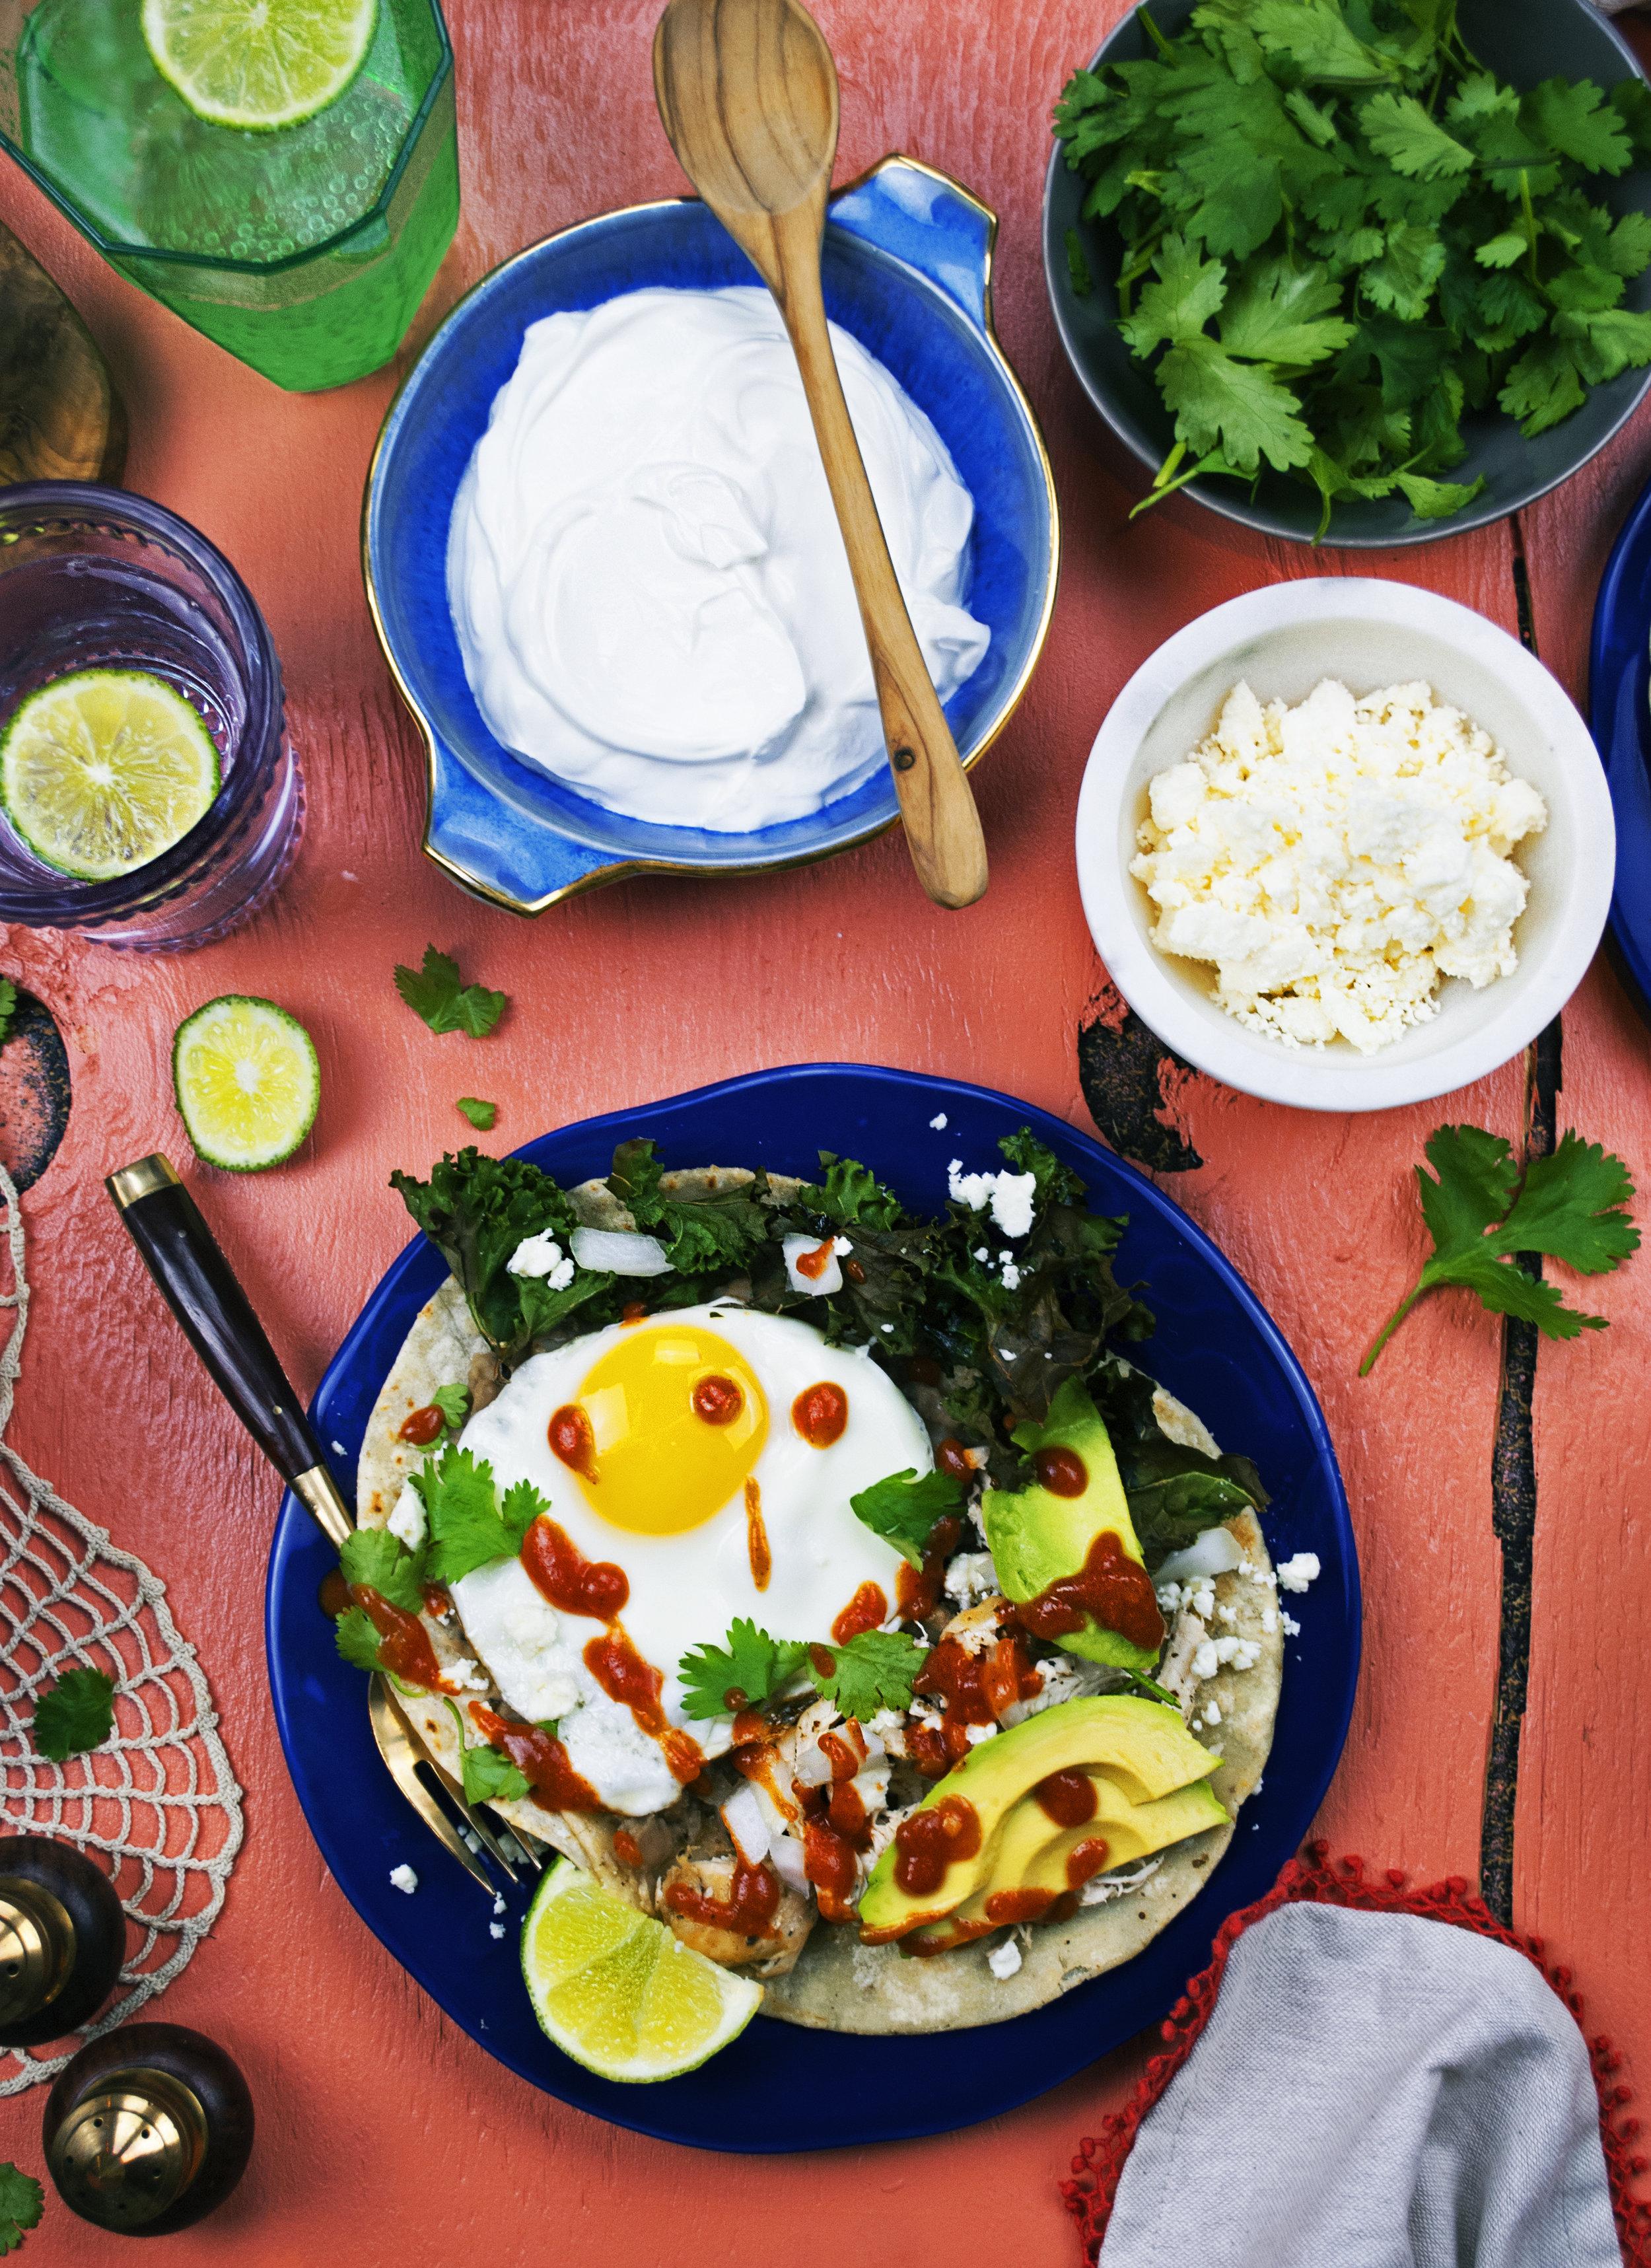 huevos rancheros 1 new.jpg